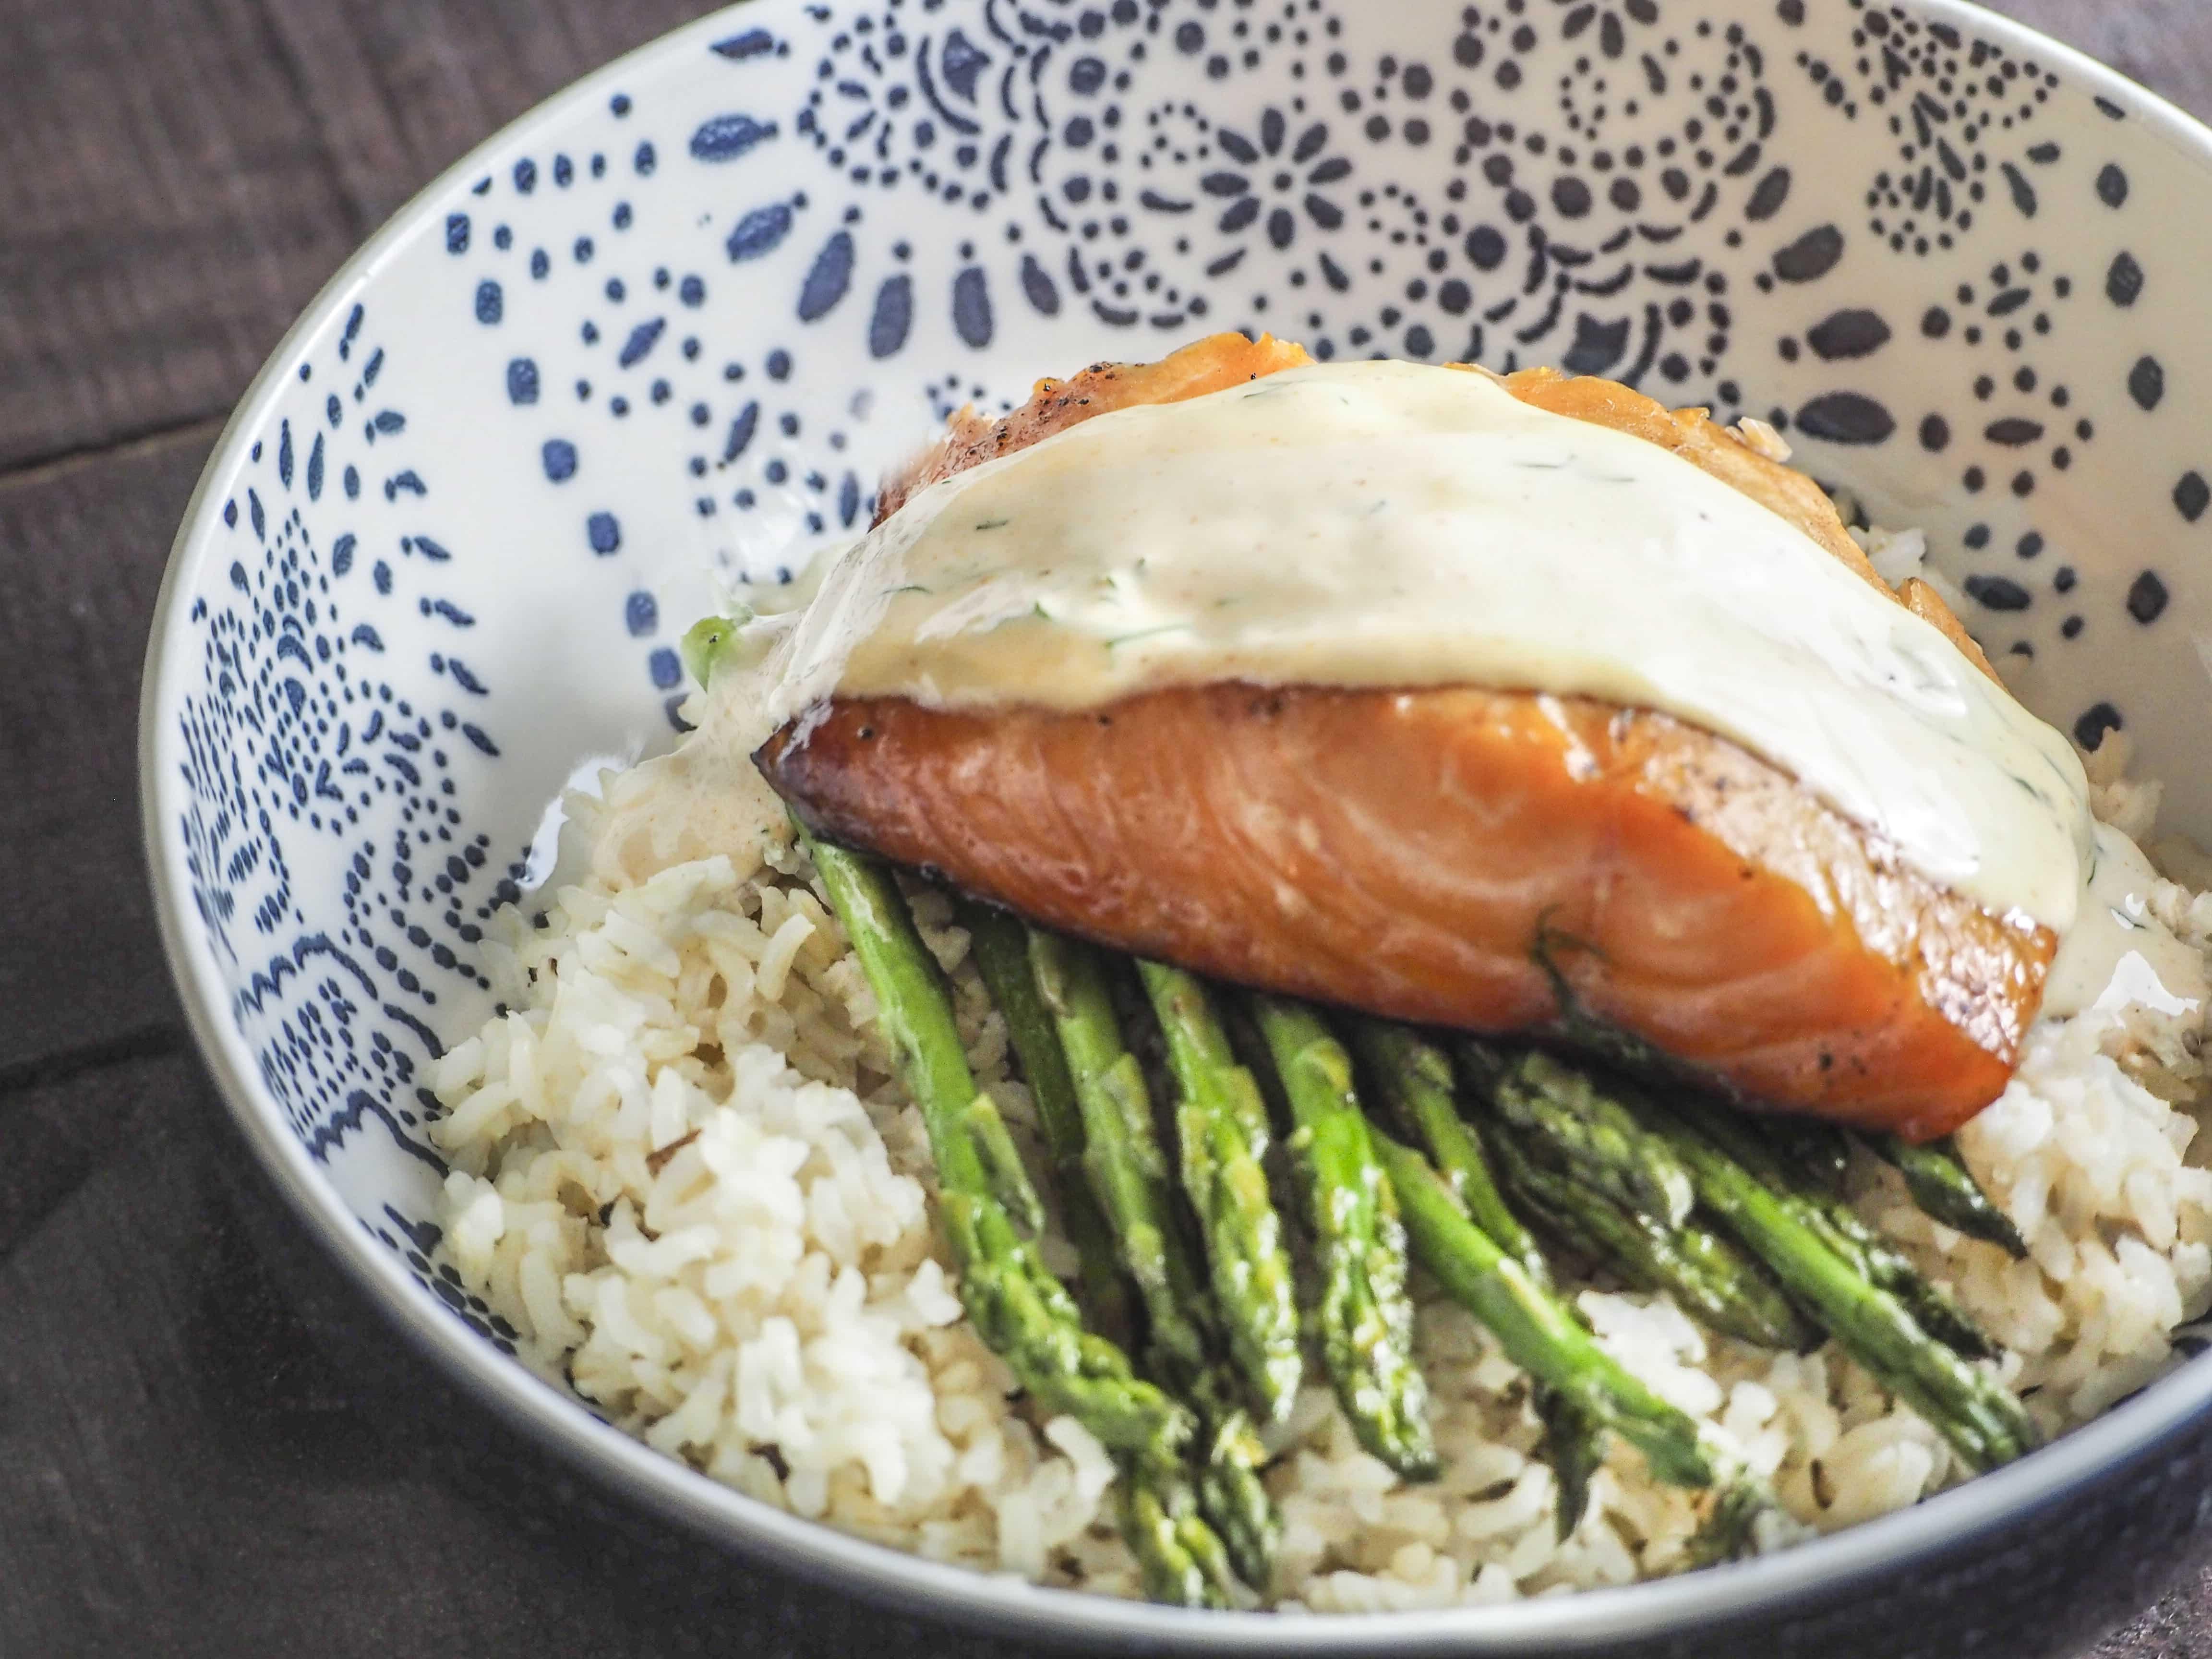 Incredible Healthy Smoked Salmon